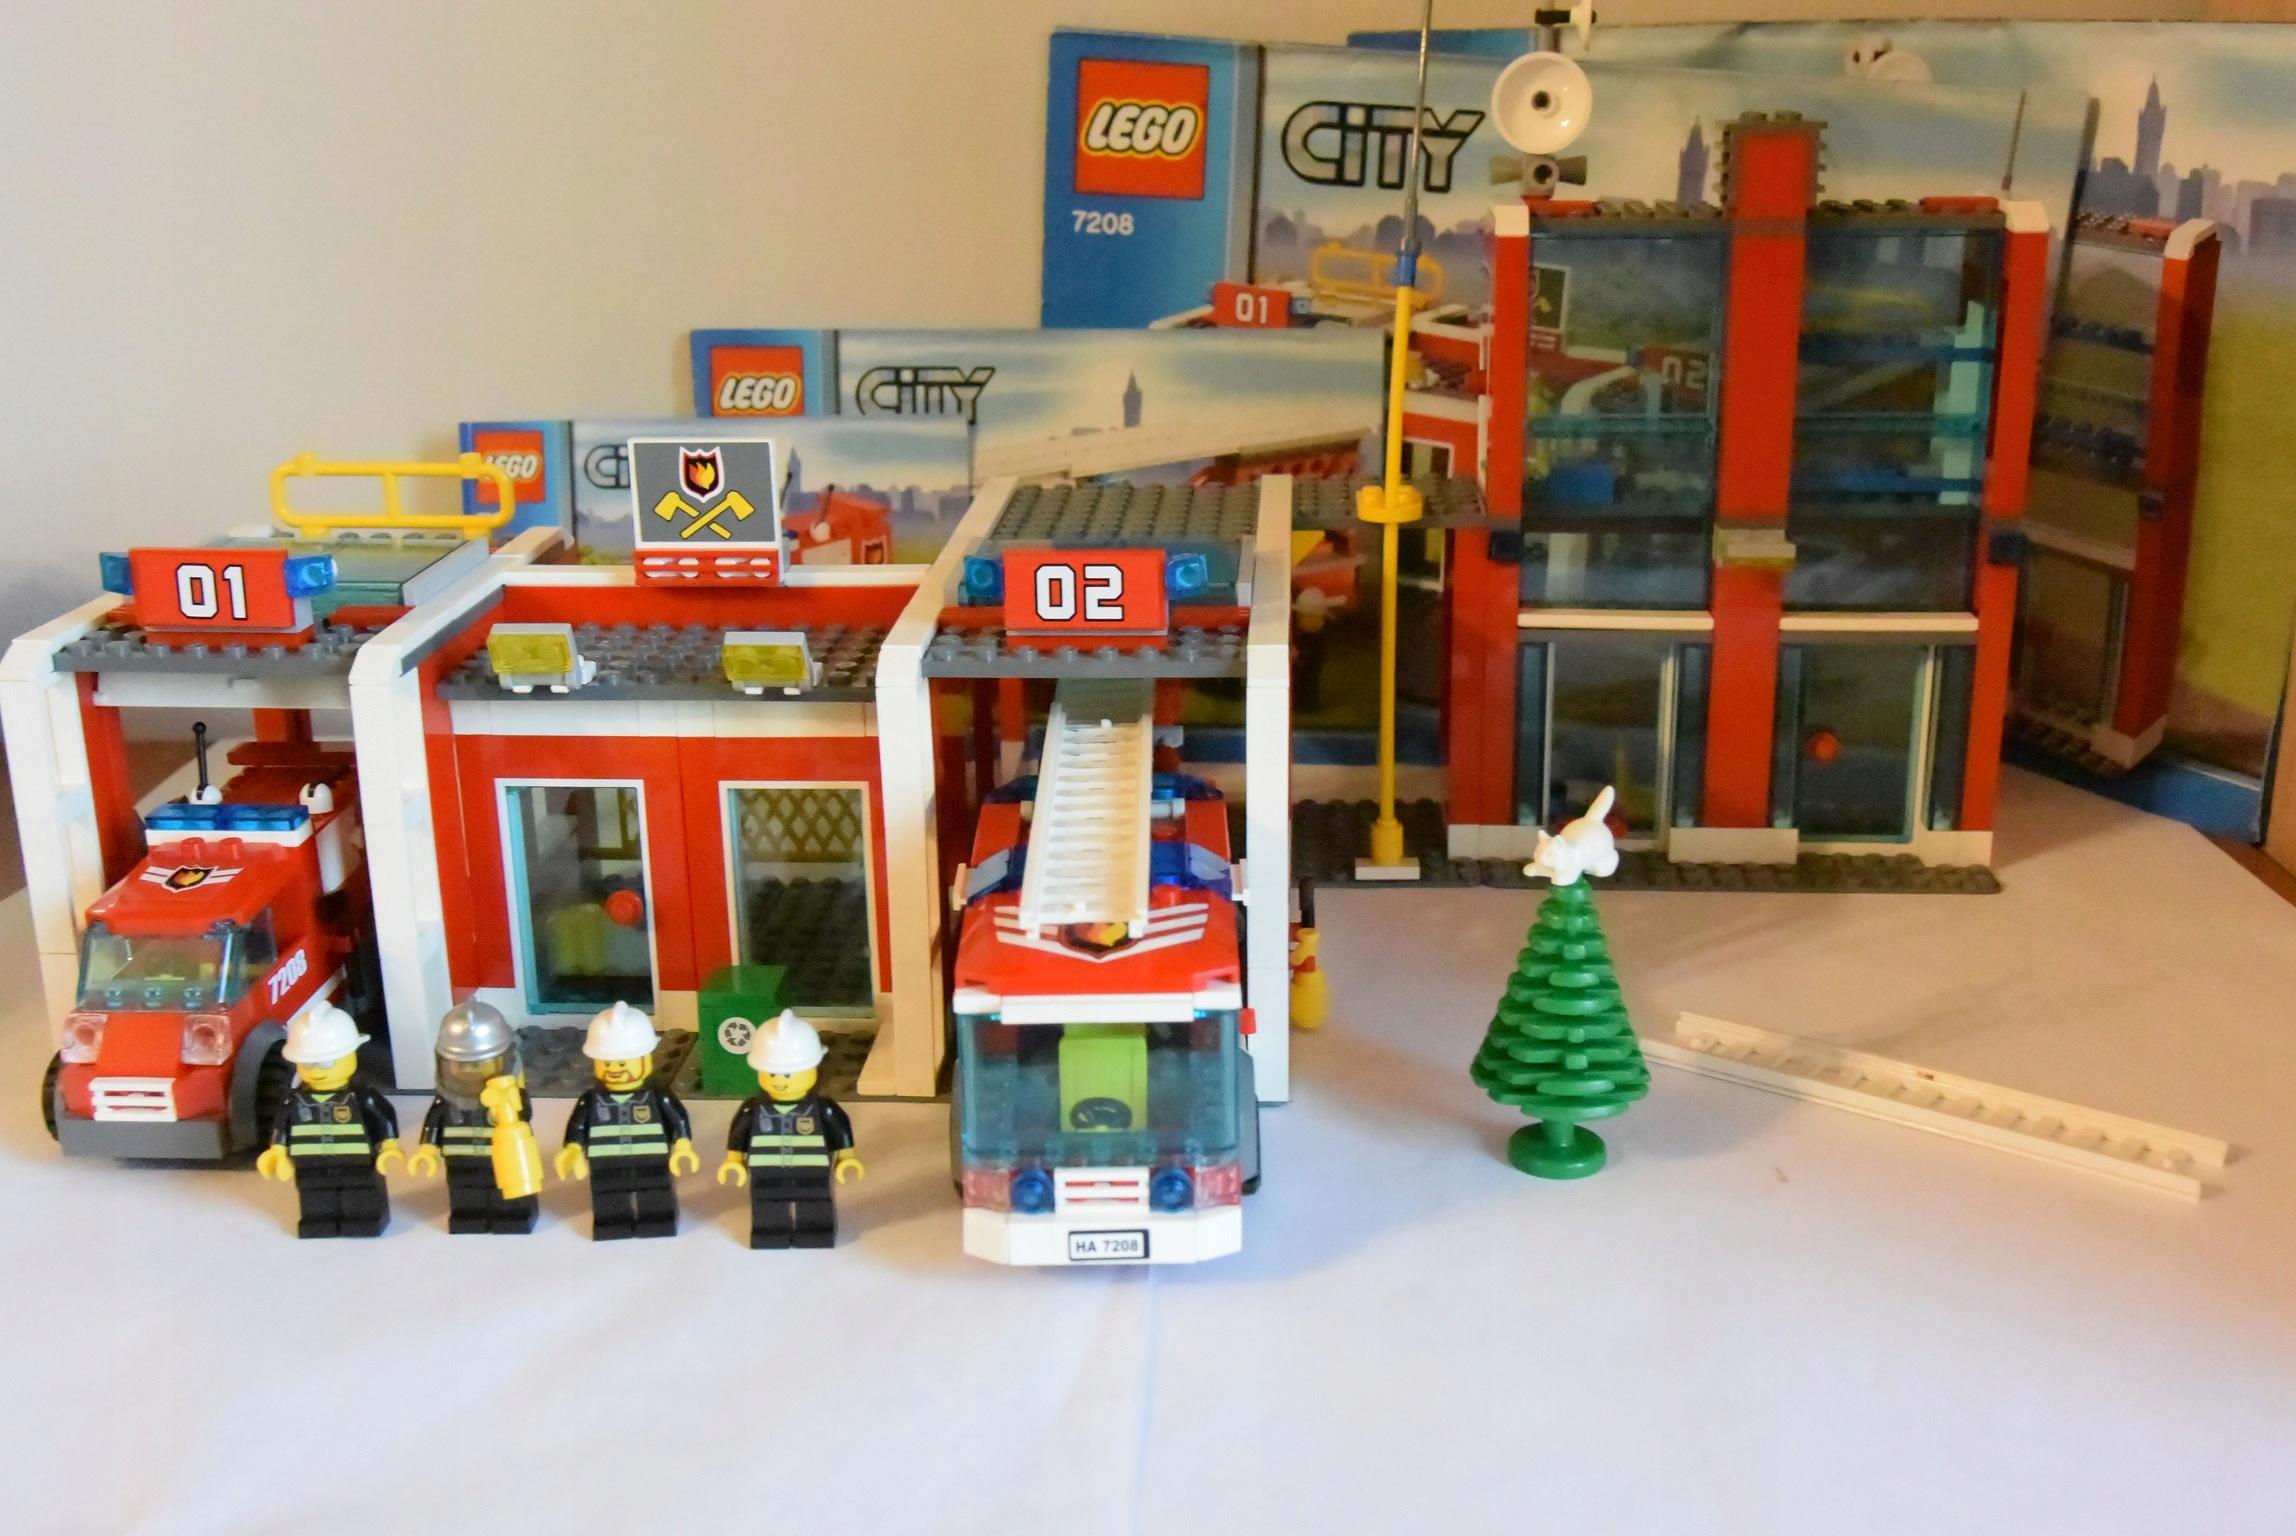 Klocki Lego City 7208 Remiza Straż Pożarna 7391890027 Oficjalne